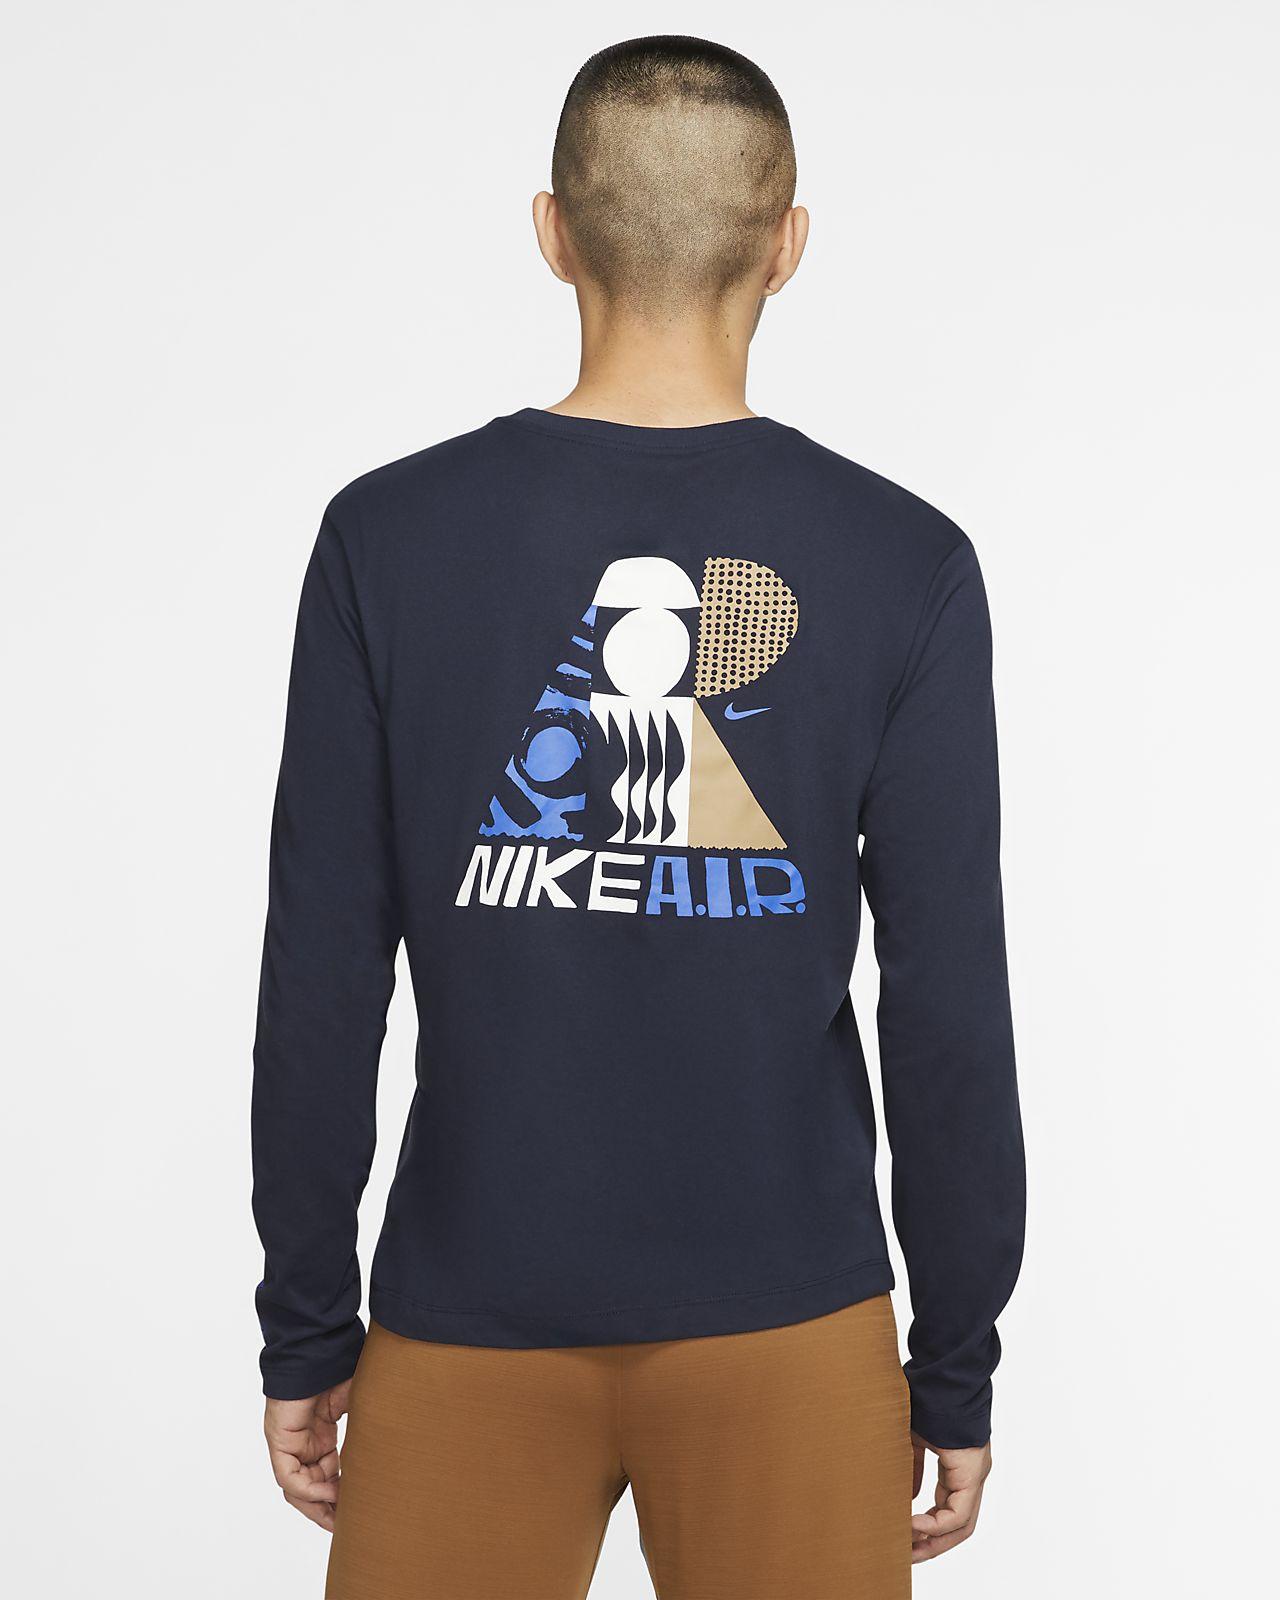 t-shirt nike air homme